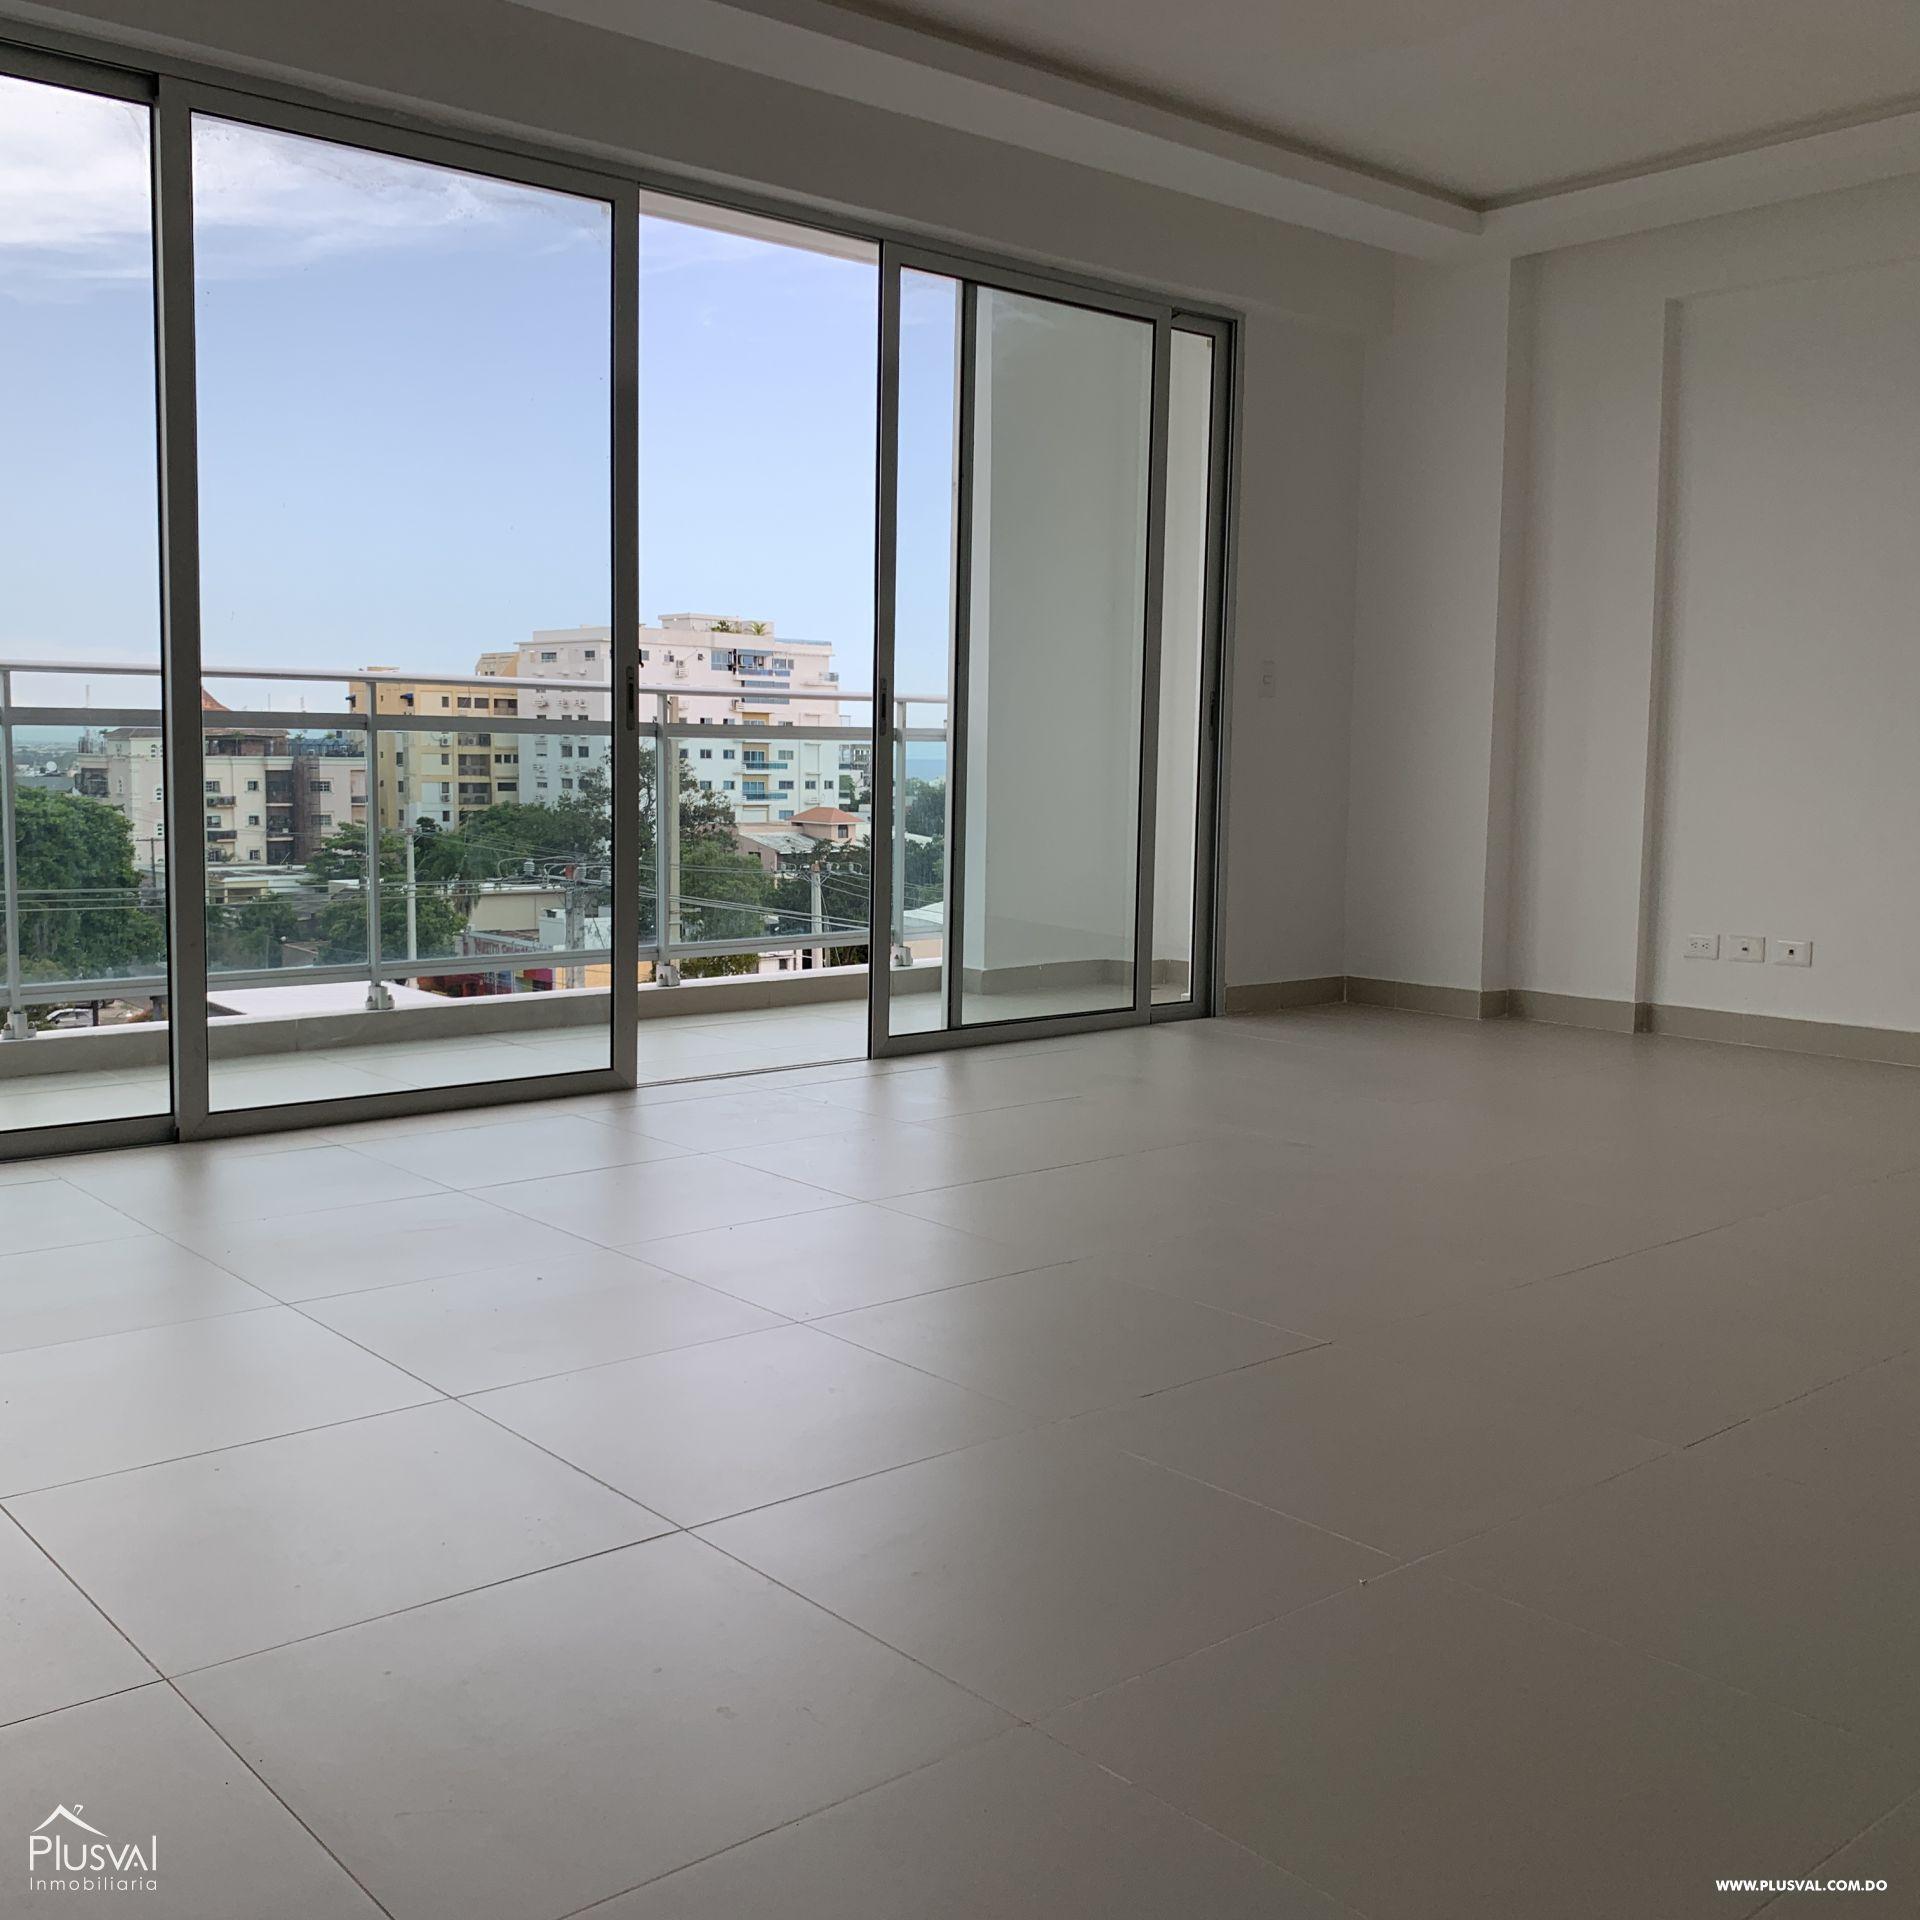 Apartamento en alquiler de tres habitaciones  en Gazcue